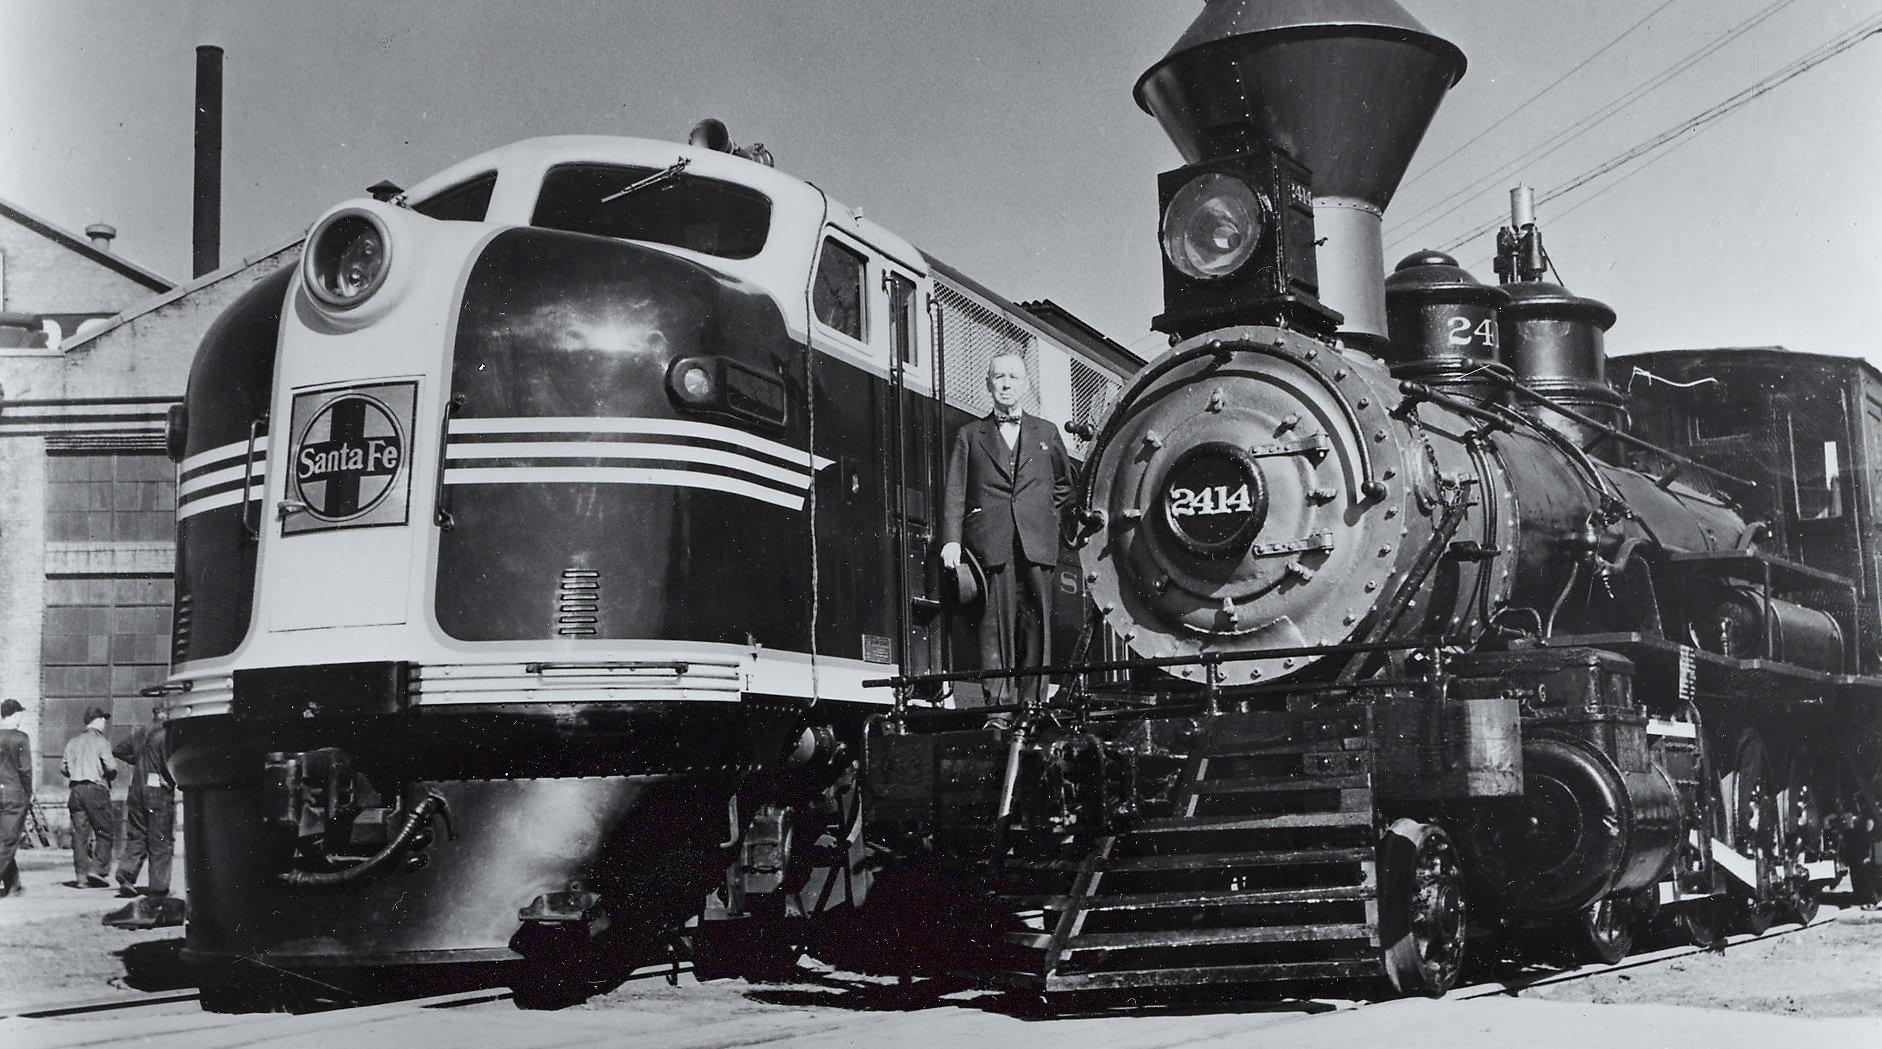 EMD 1942 Sante Fe Switcher